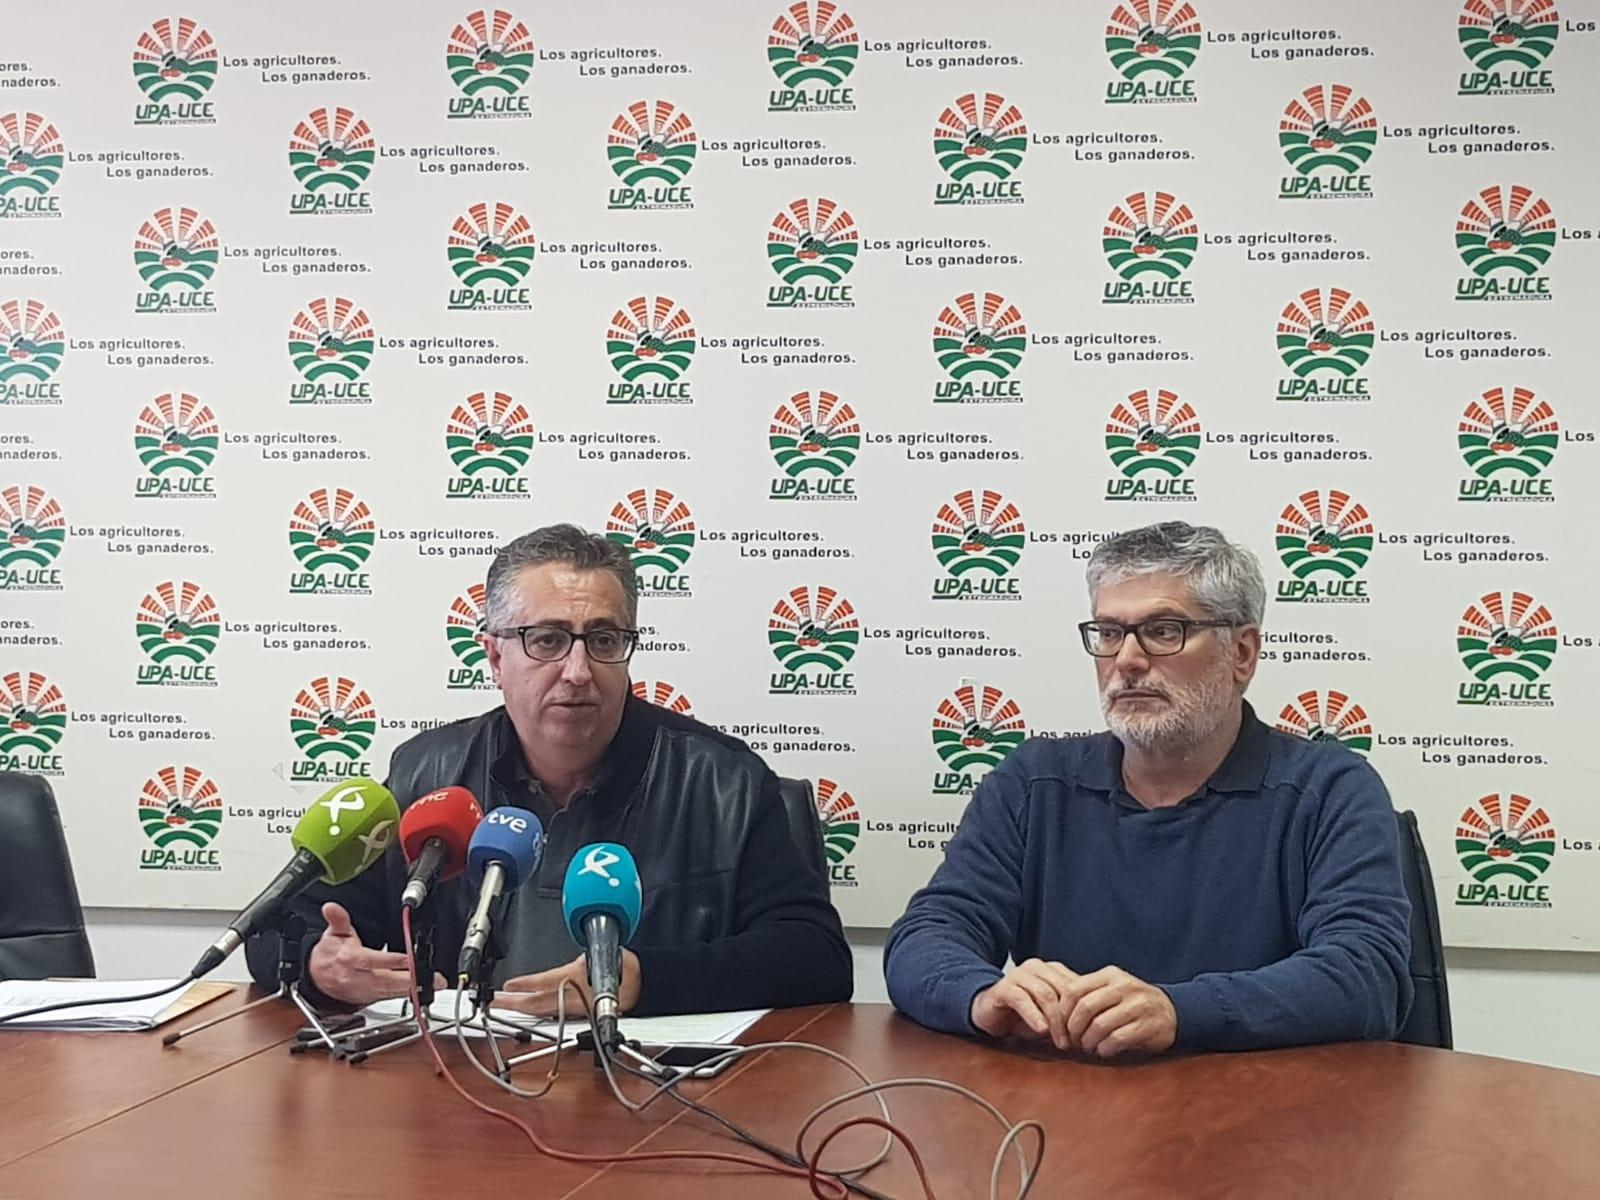 UPA-UCE Extremadura denuncia la especulación de los precios en origen del aceite